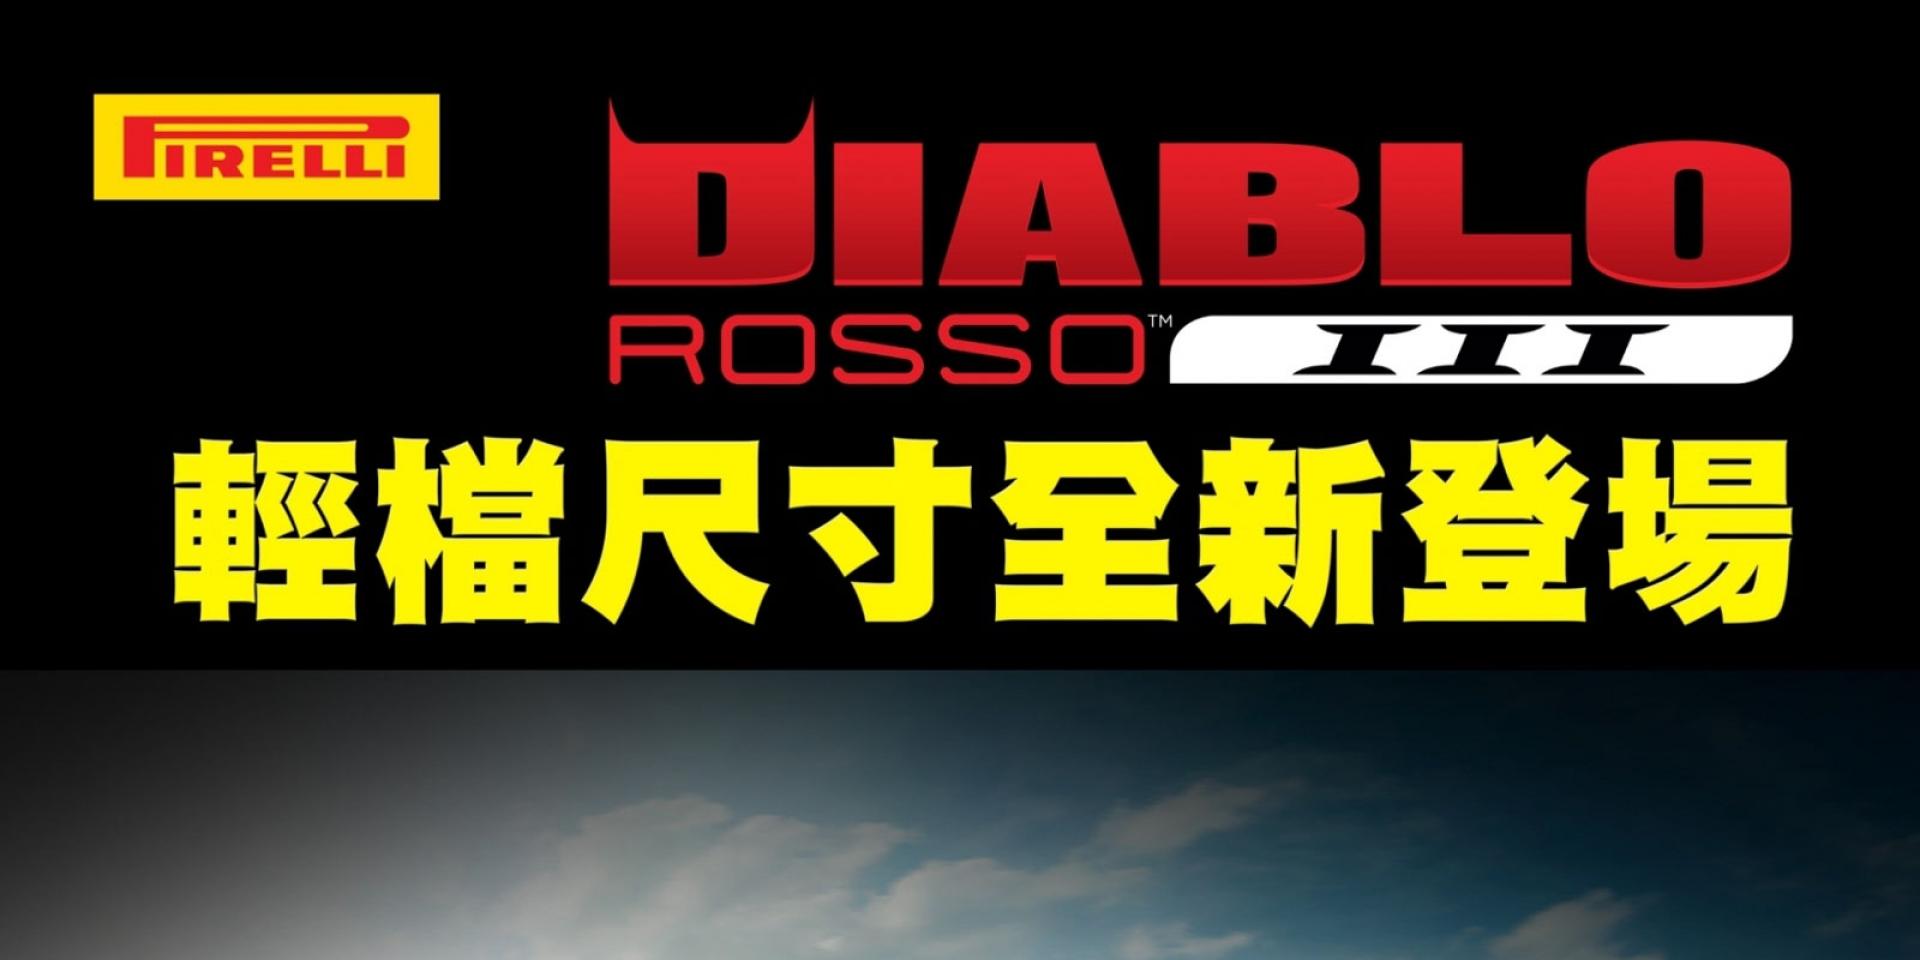 官方新聞稿。輕檔騎士也能 玩操控 DIABLO ROSSO™ III 輕檔 尺寸 全新登場